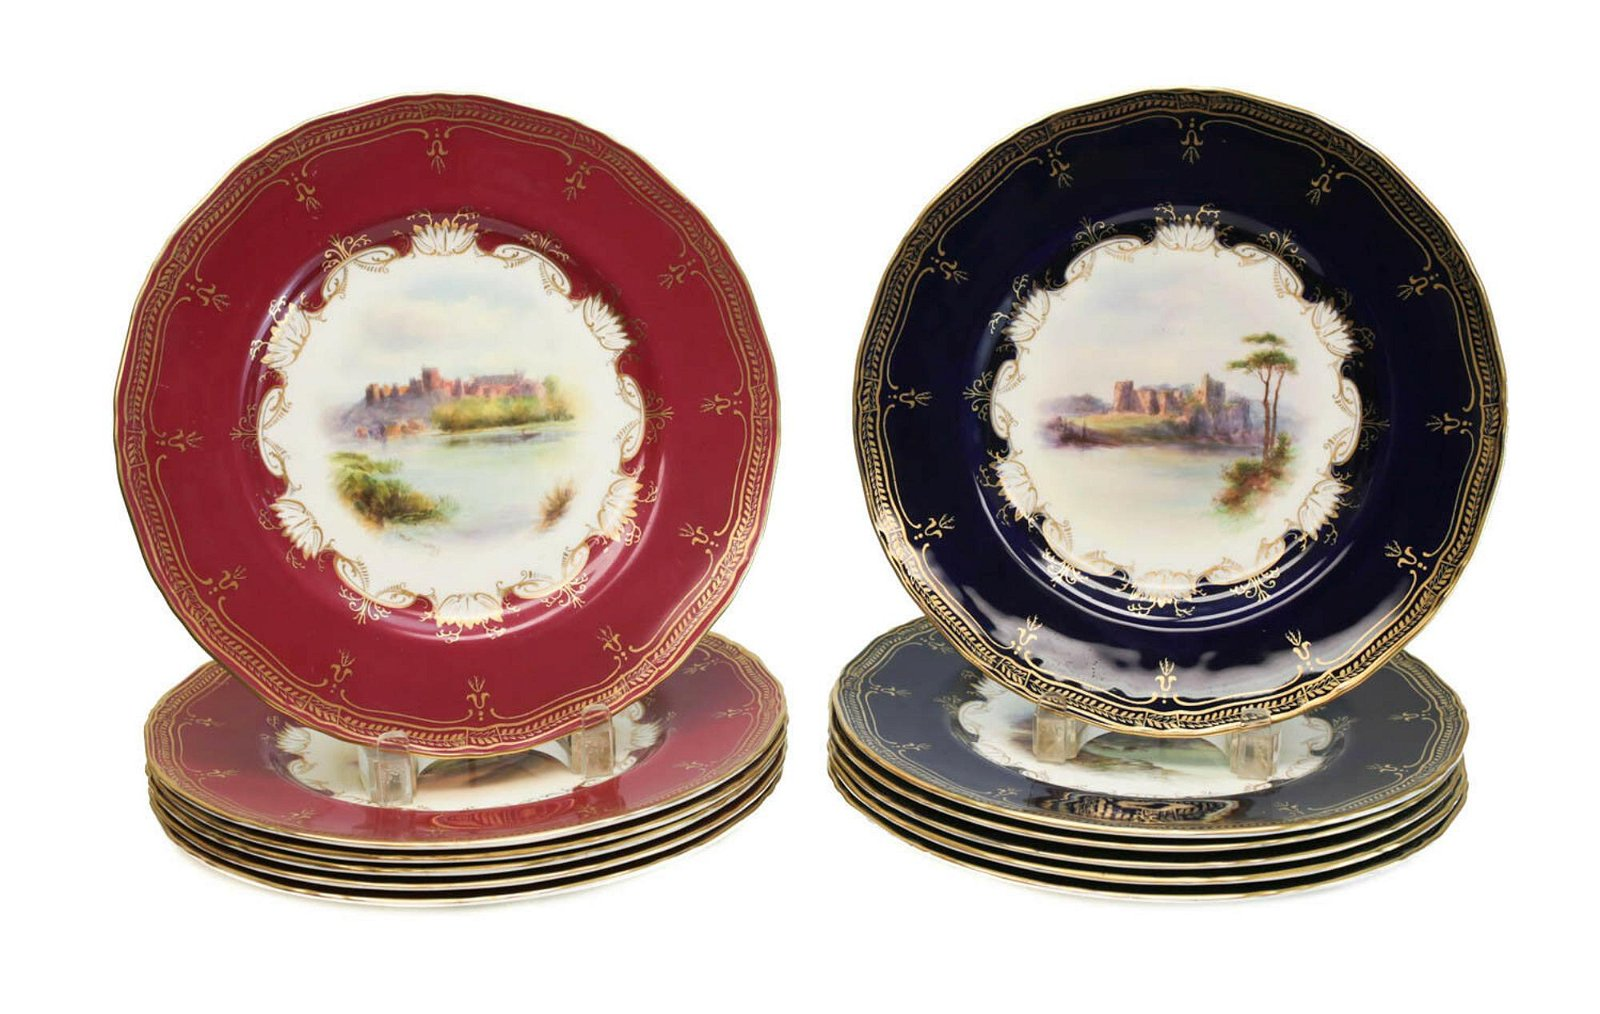 12 Royal Worcester Porcelain Dinner Plates, 1891